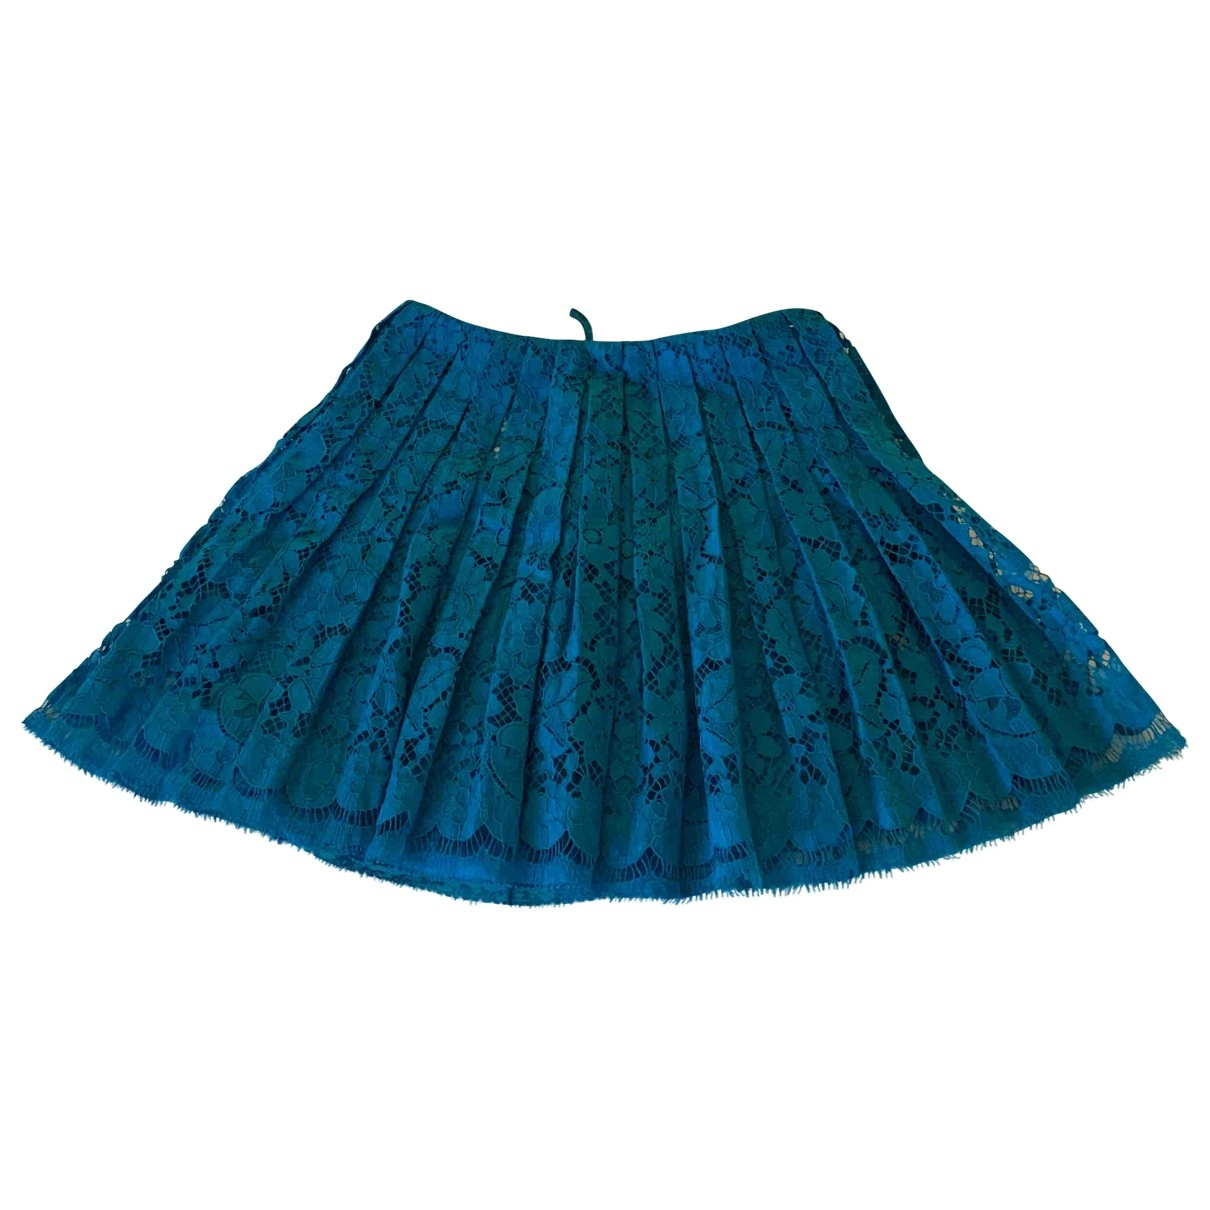 Prada \N Blue Cotton skirt for Women 38 IT